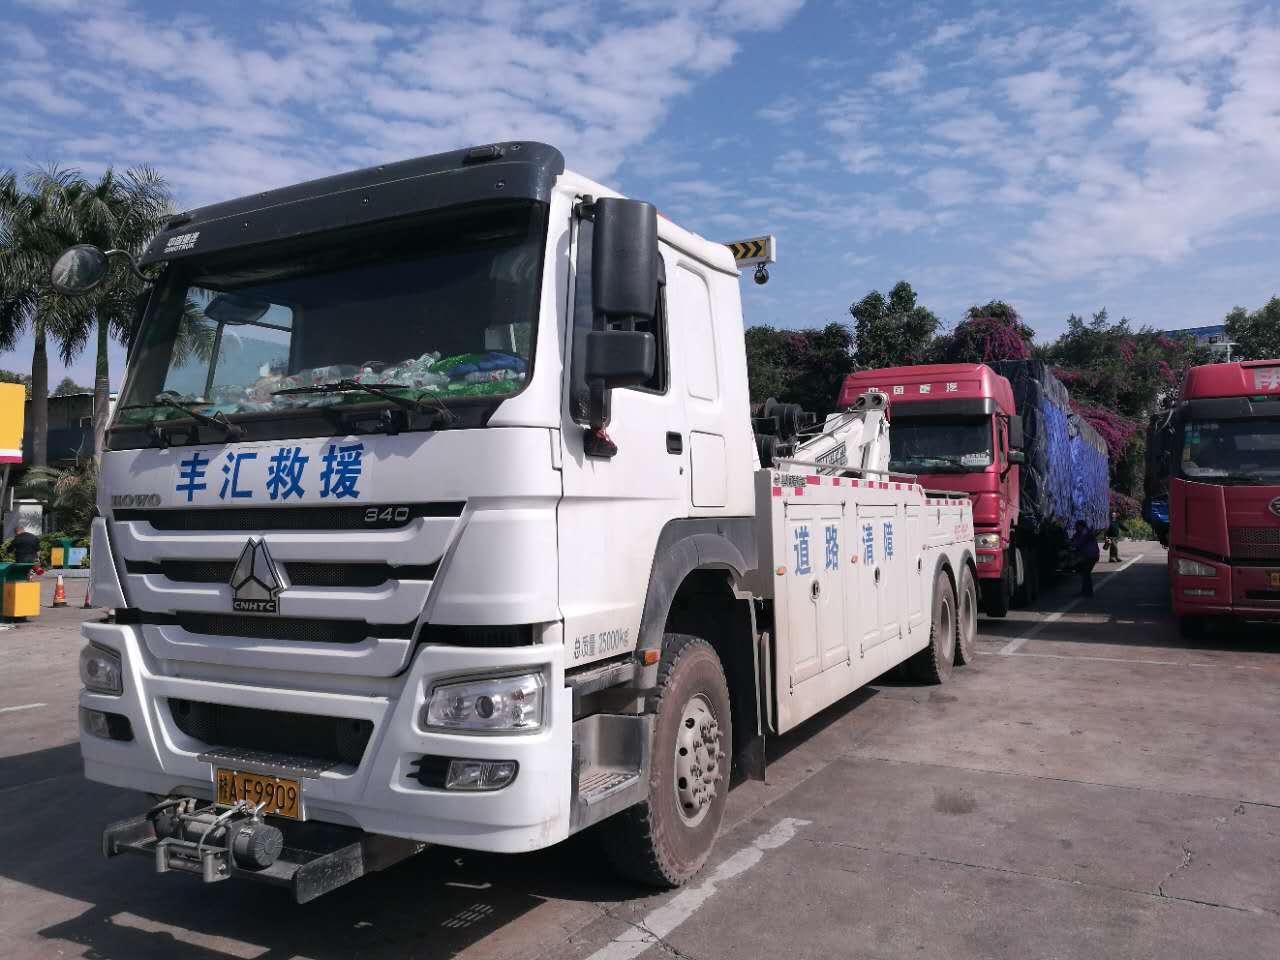 拖车救援服务资讯,南宁可信赖的广西道路拖车救援服务